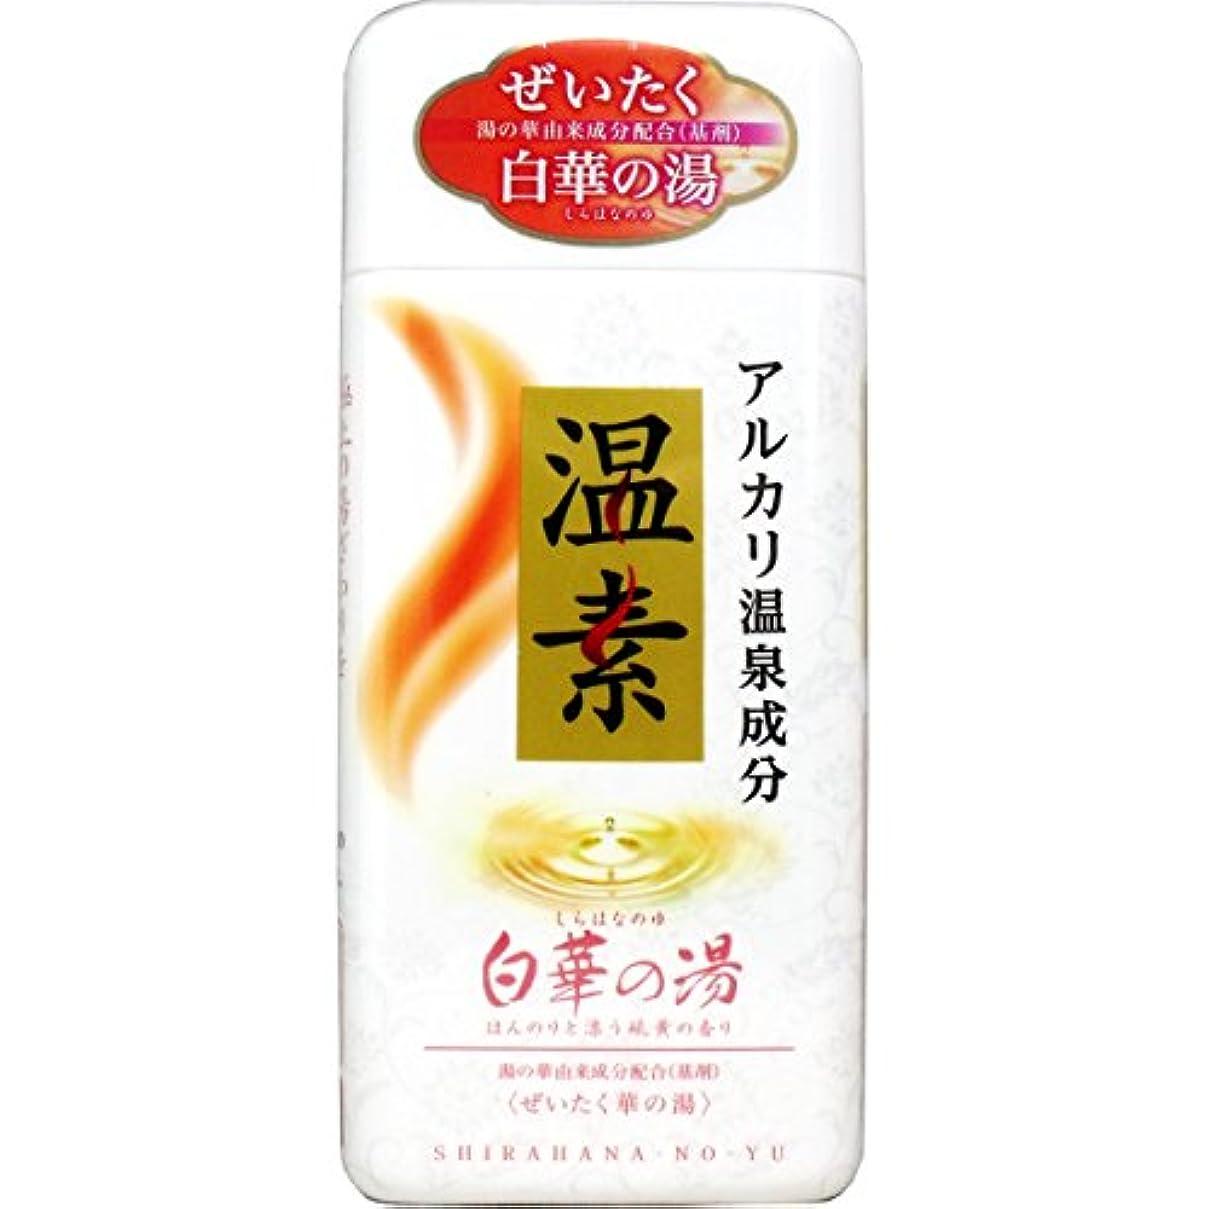 あなたは持続的縫い目お風呂用品 ぜいたく華の湯 本物志向 アルカリ温泉成分 温素 入浴剤 白華の湯 硫黄の香り 600g入